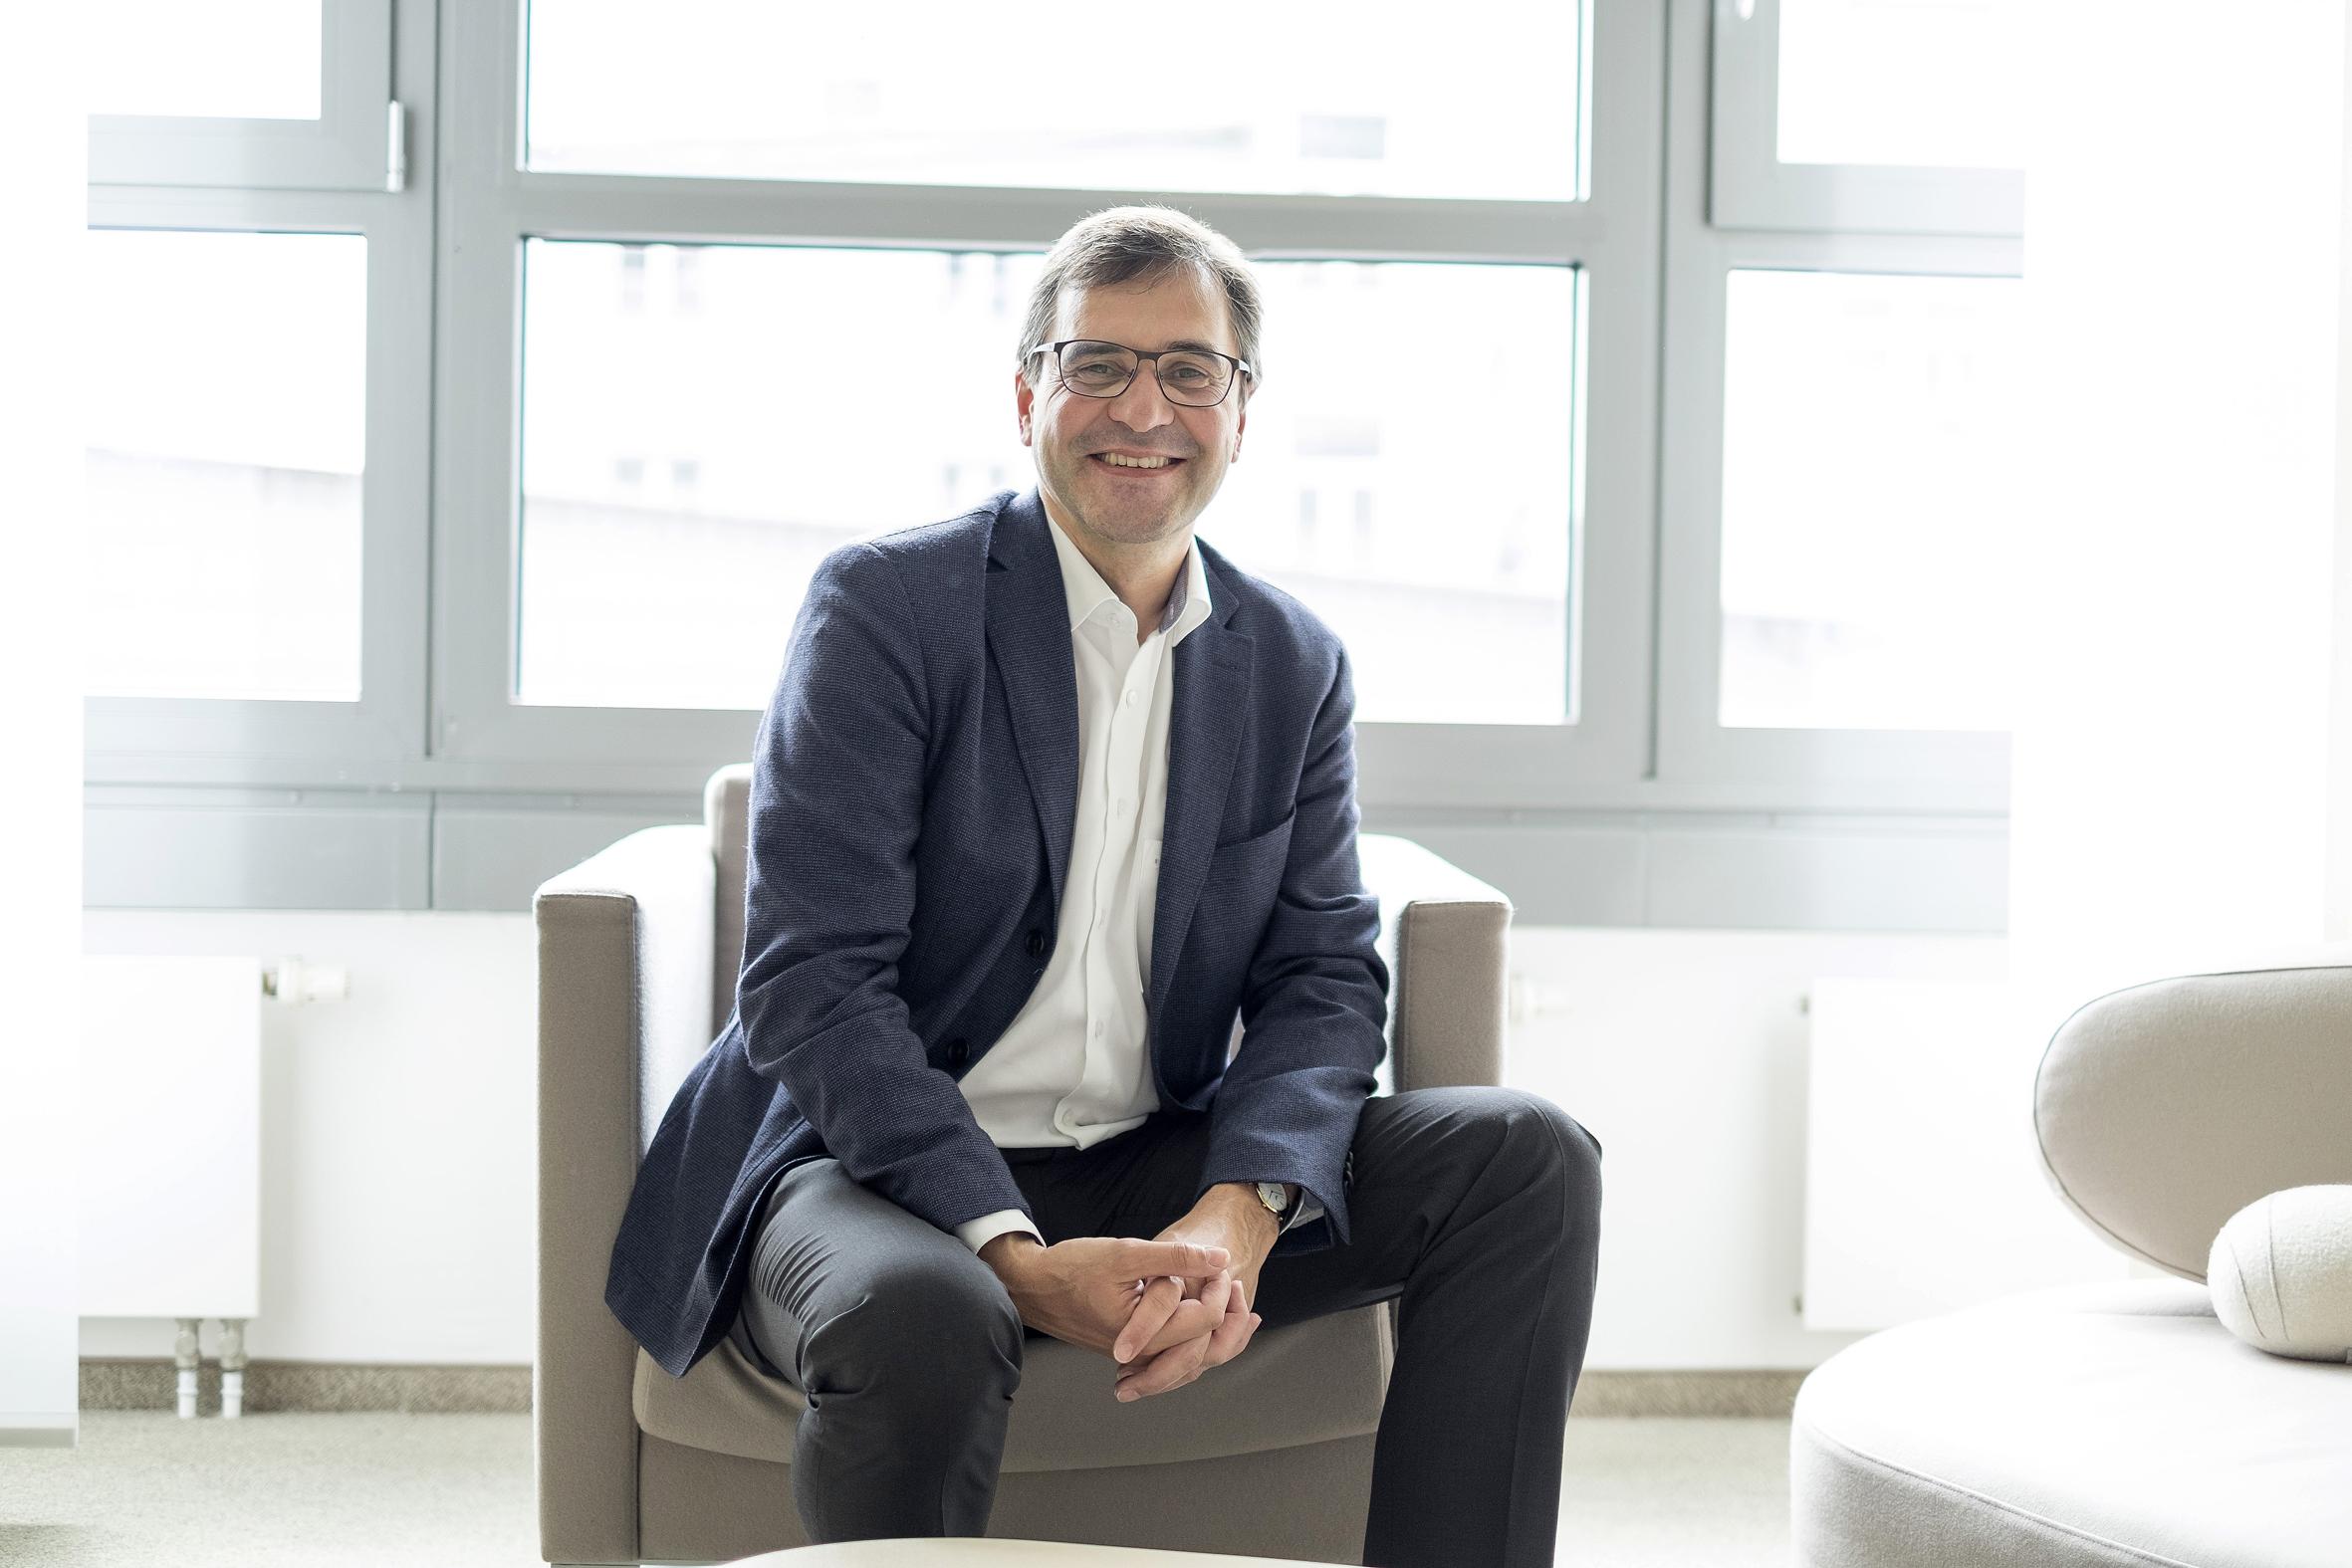 Georg Schürmann ist Geschäftsleiter der nachhaltigen Triodos Bank Deutschland. / Foto: Triodos